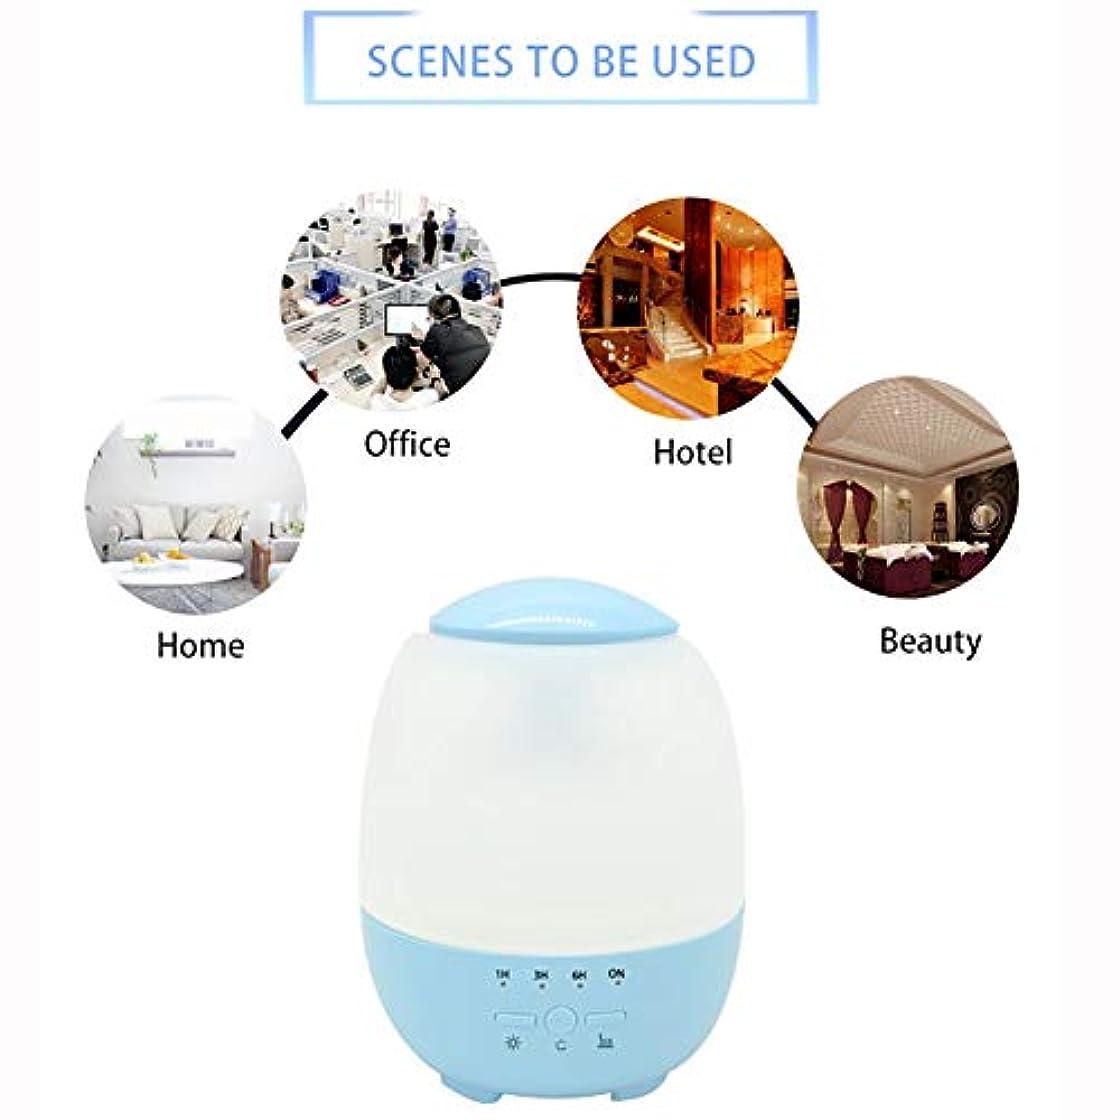 予防接種するスパイヘッジエッセンシャルオイルディフューザーと加湿器、ミストエッセンシャルオイルアロマ加湿器用の超音波アロマディフューザー、7色LEDライト,Blue